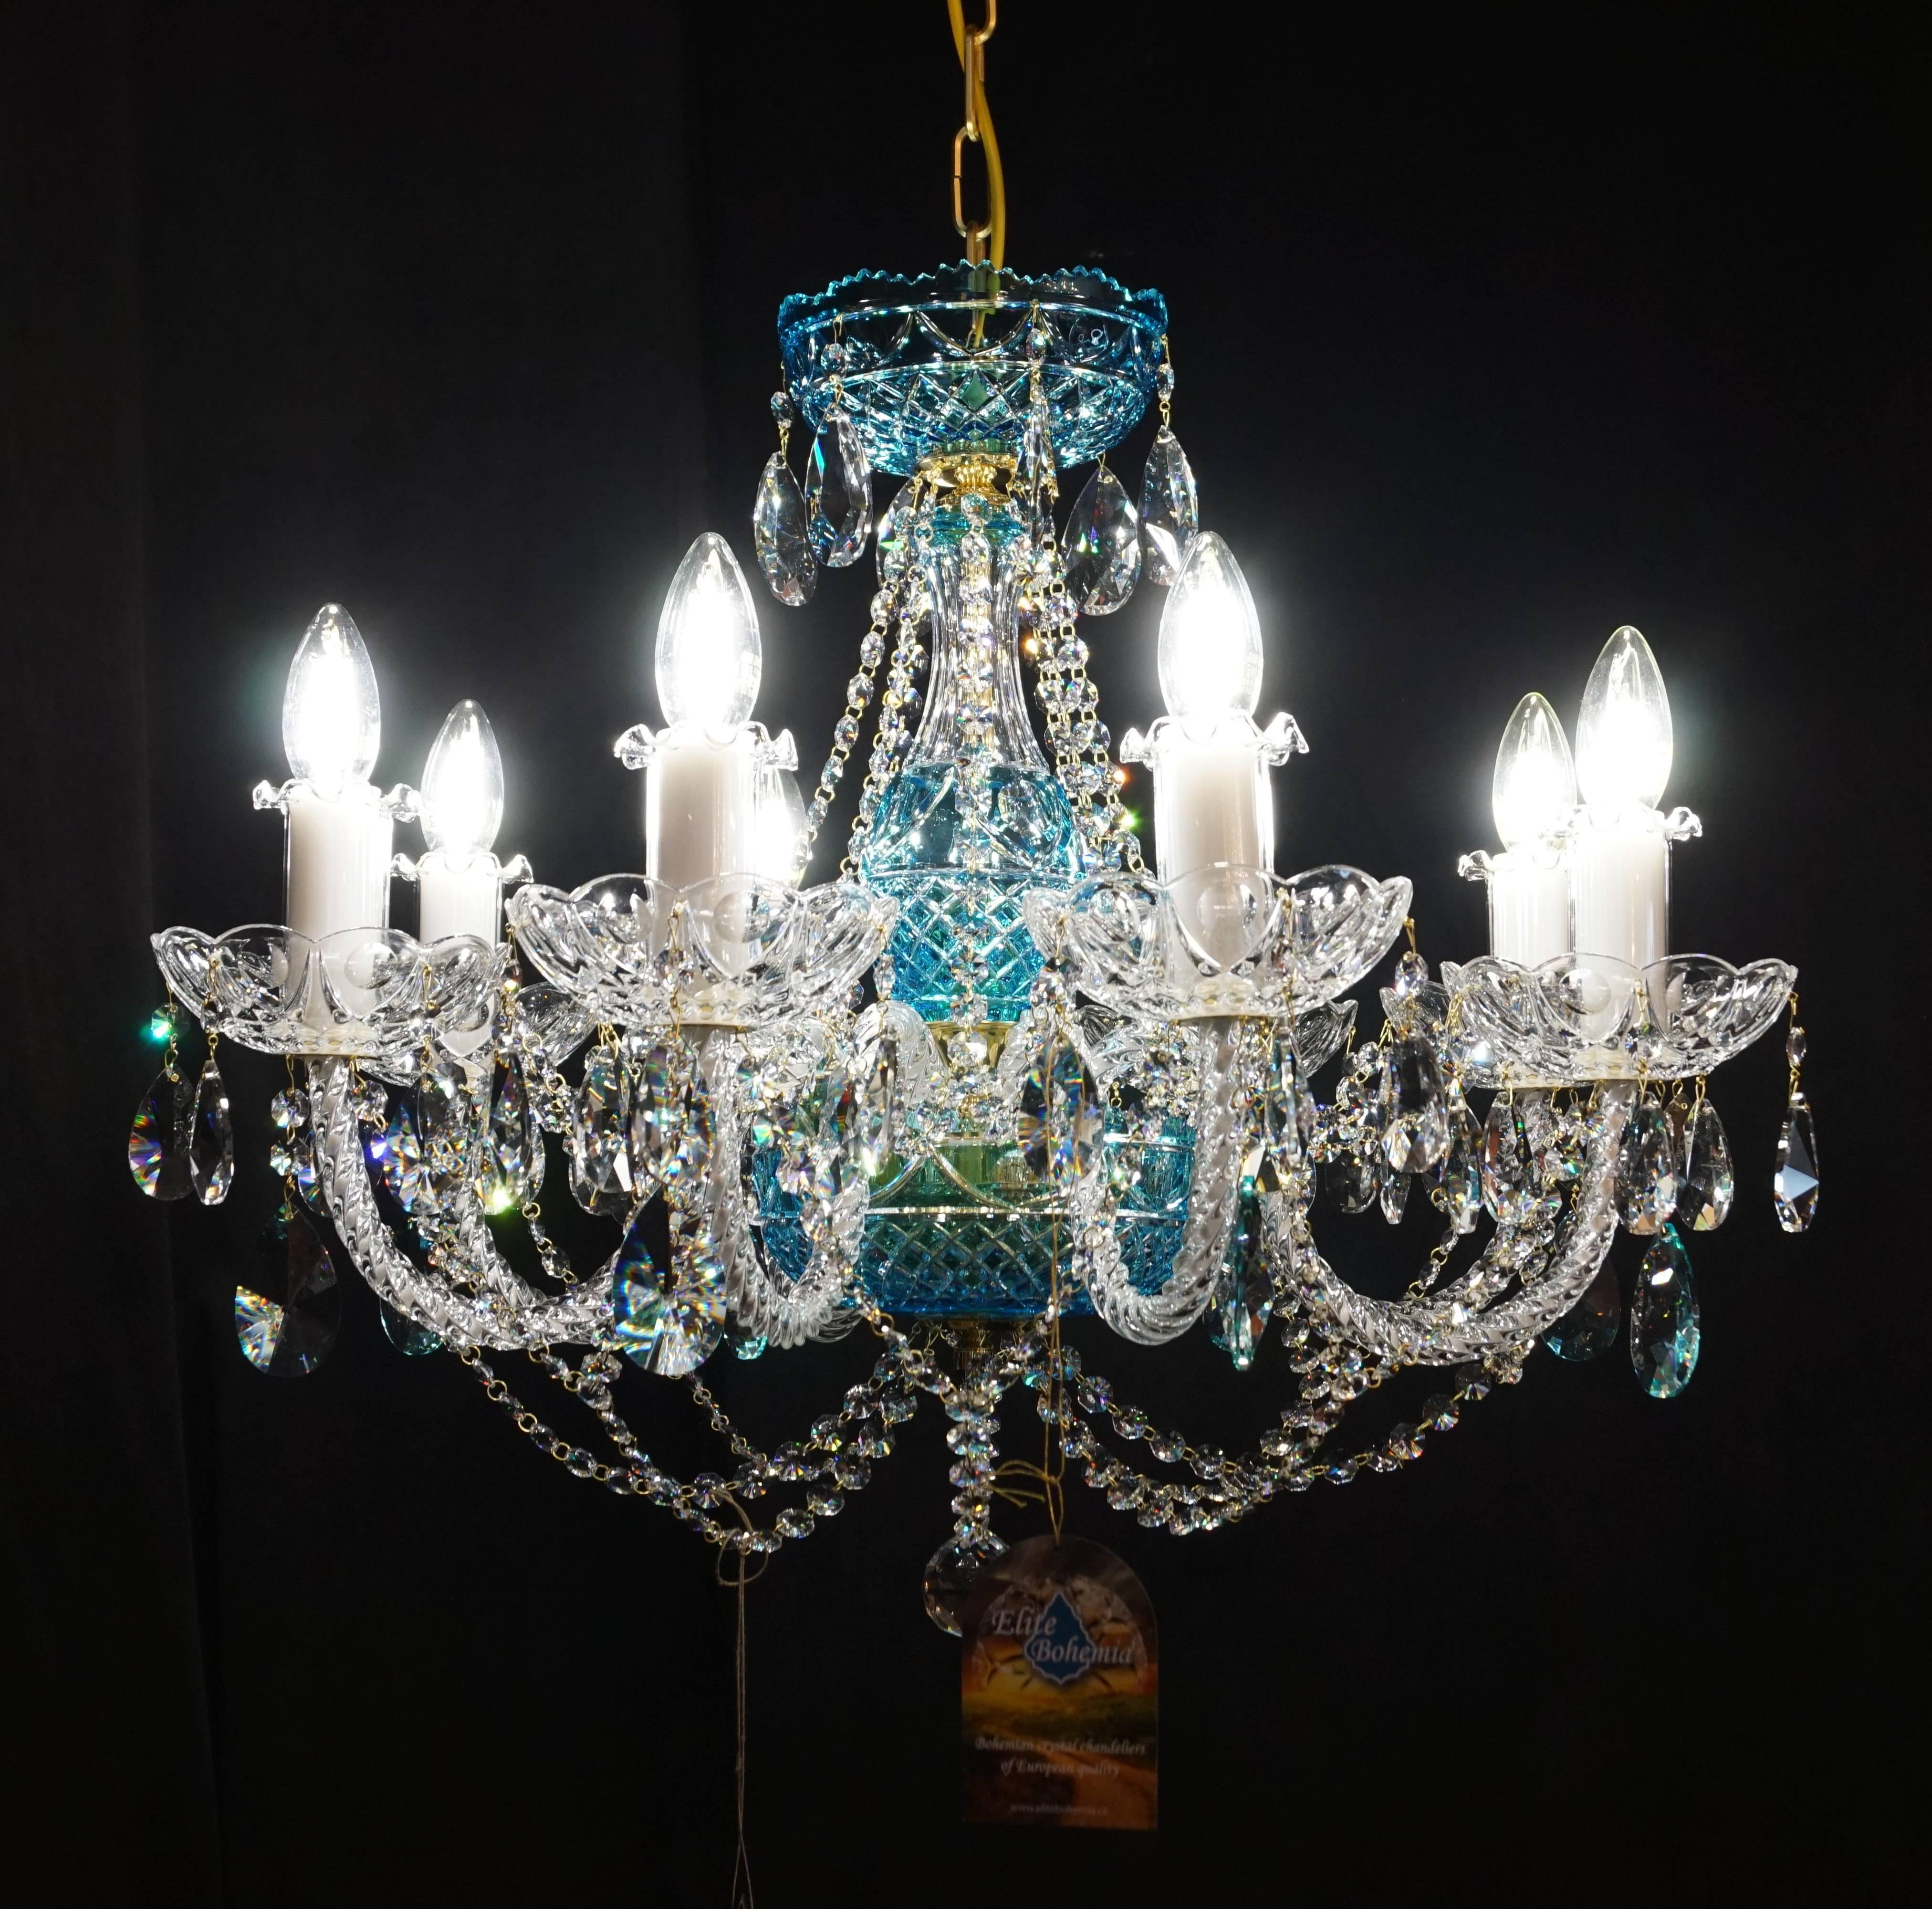 Klasyczna stylowa lampa kryształowa do salonu z błękitnymi kryształami